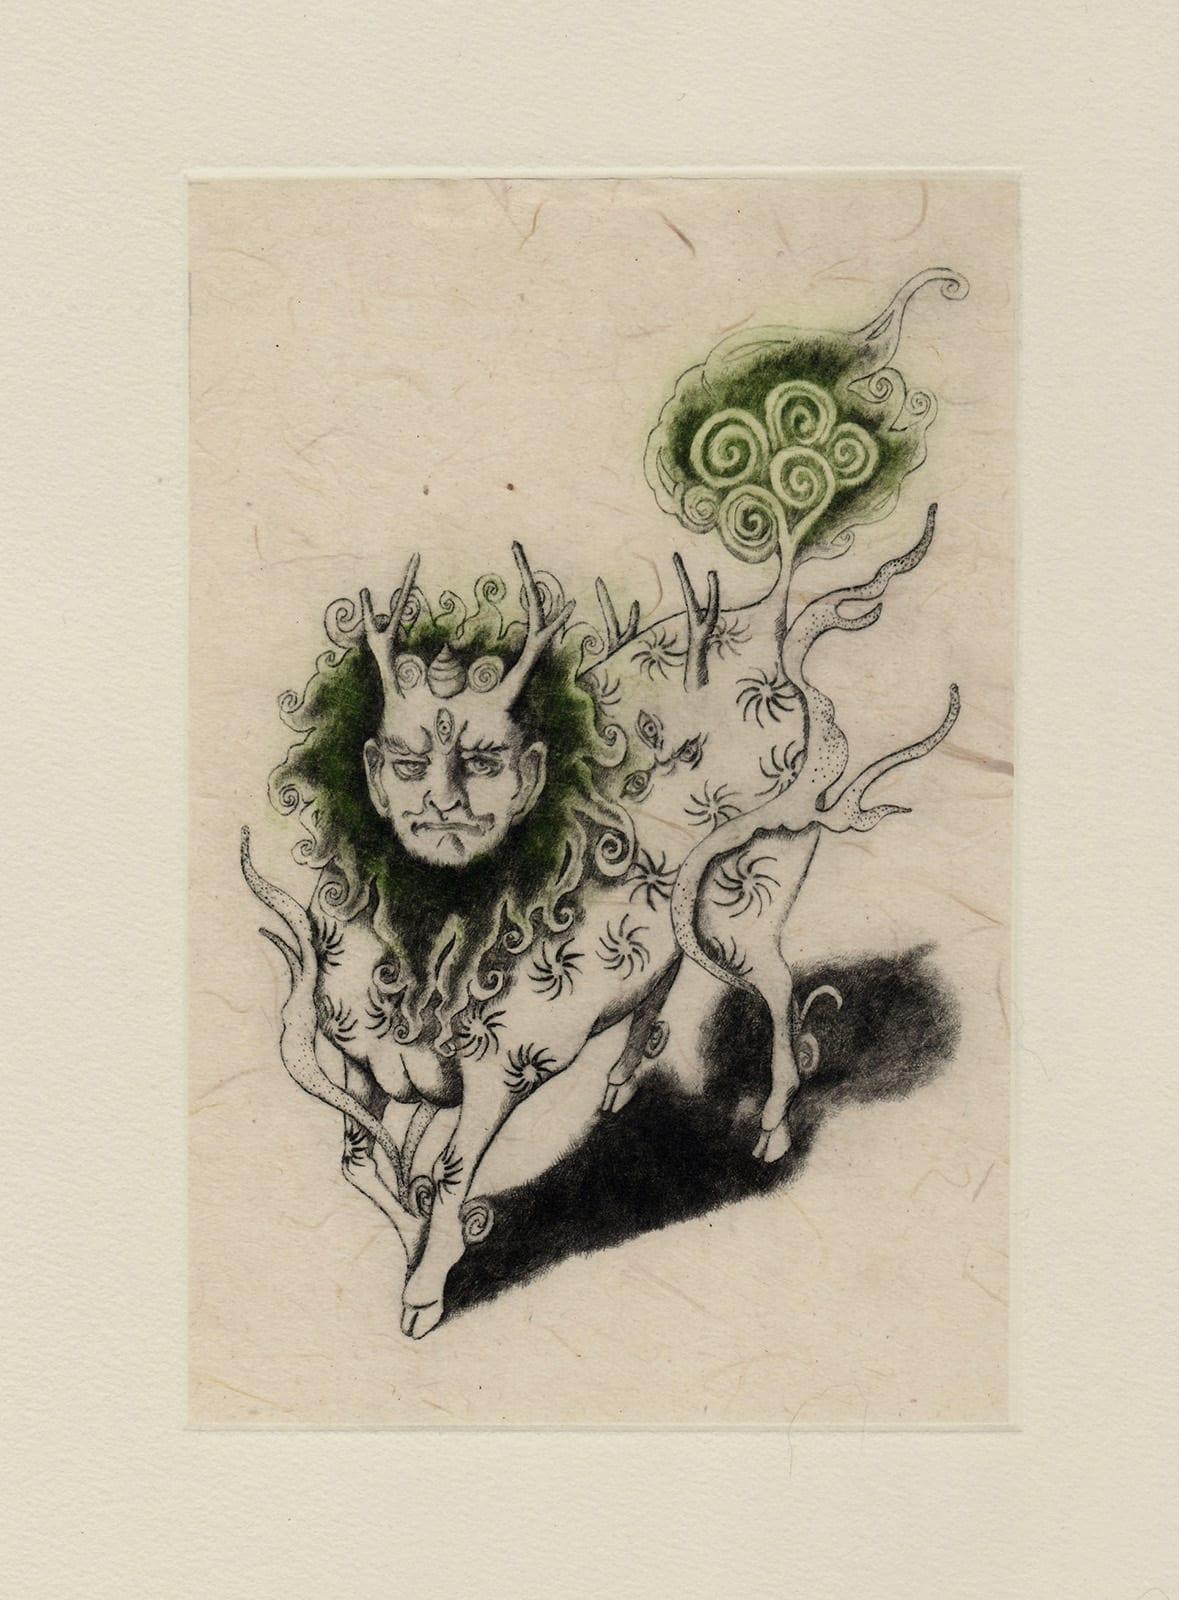 Hakutaku (drypoint etching by Yaemi Shigyo)